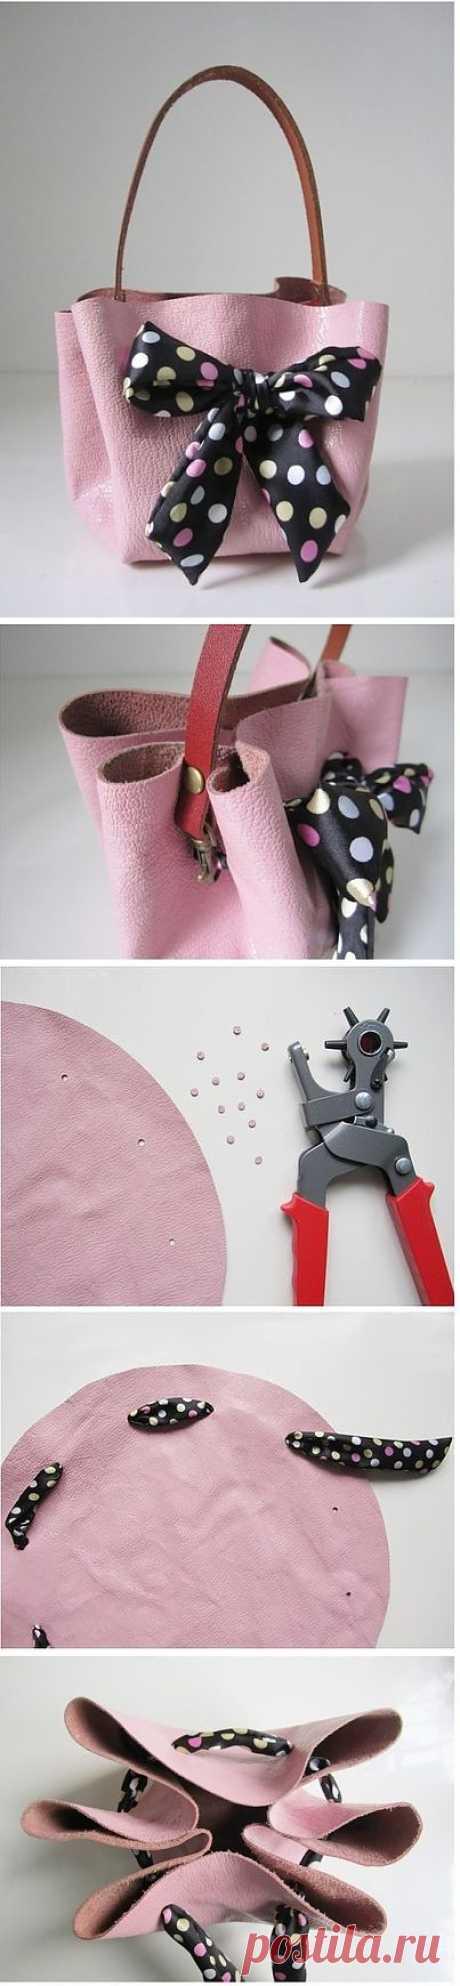 Как сделать сумку без шитья